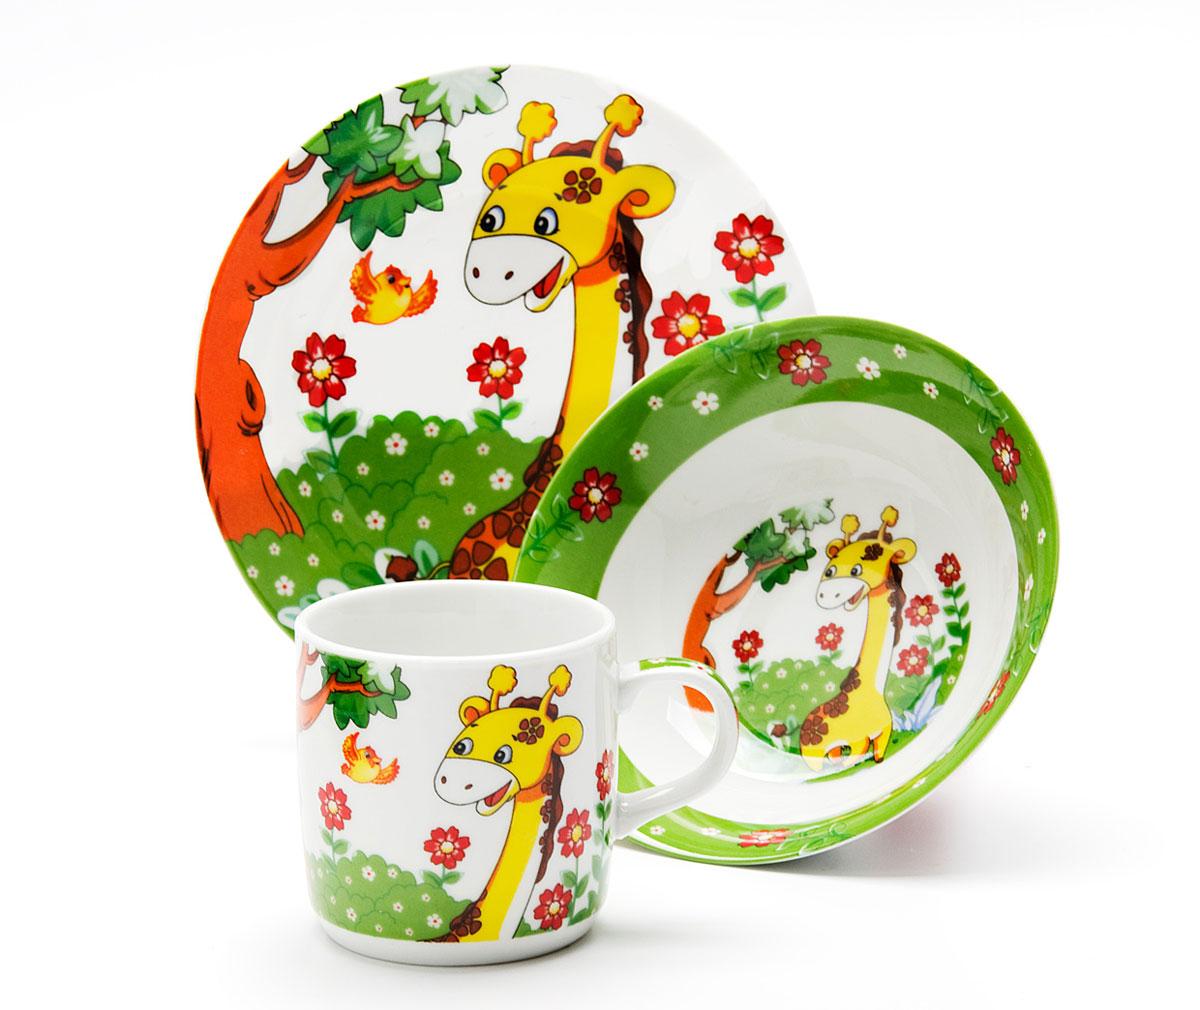 Набор посуды Loraine Жираф, 3 предмета24020Набор посуды Жираф сочетает в себе изысканный дизайн с максимальной функциональностью.В набор входят суповая тарелка, обеденная тарелка и кружка.Предметы набора выполнены из высококачественной керамики, декорированы красочным рисунком.Благодаря такому набору обед вашего ребенка будет еще вкуснее. Набор упакован в красочную, подарочную упаковку.Диаметр суповой тарелки: 15 см. Диаметр обеденной тарелки: 17,5 см. Объем кружки: 230 мл.